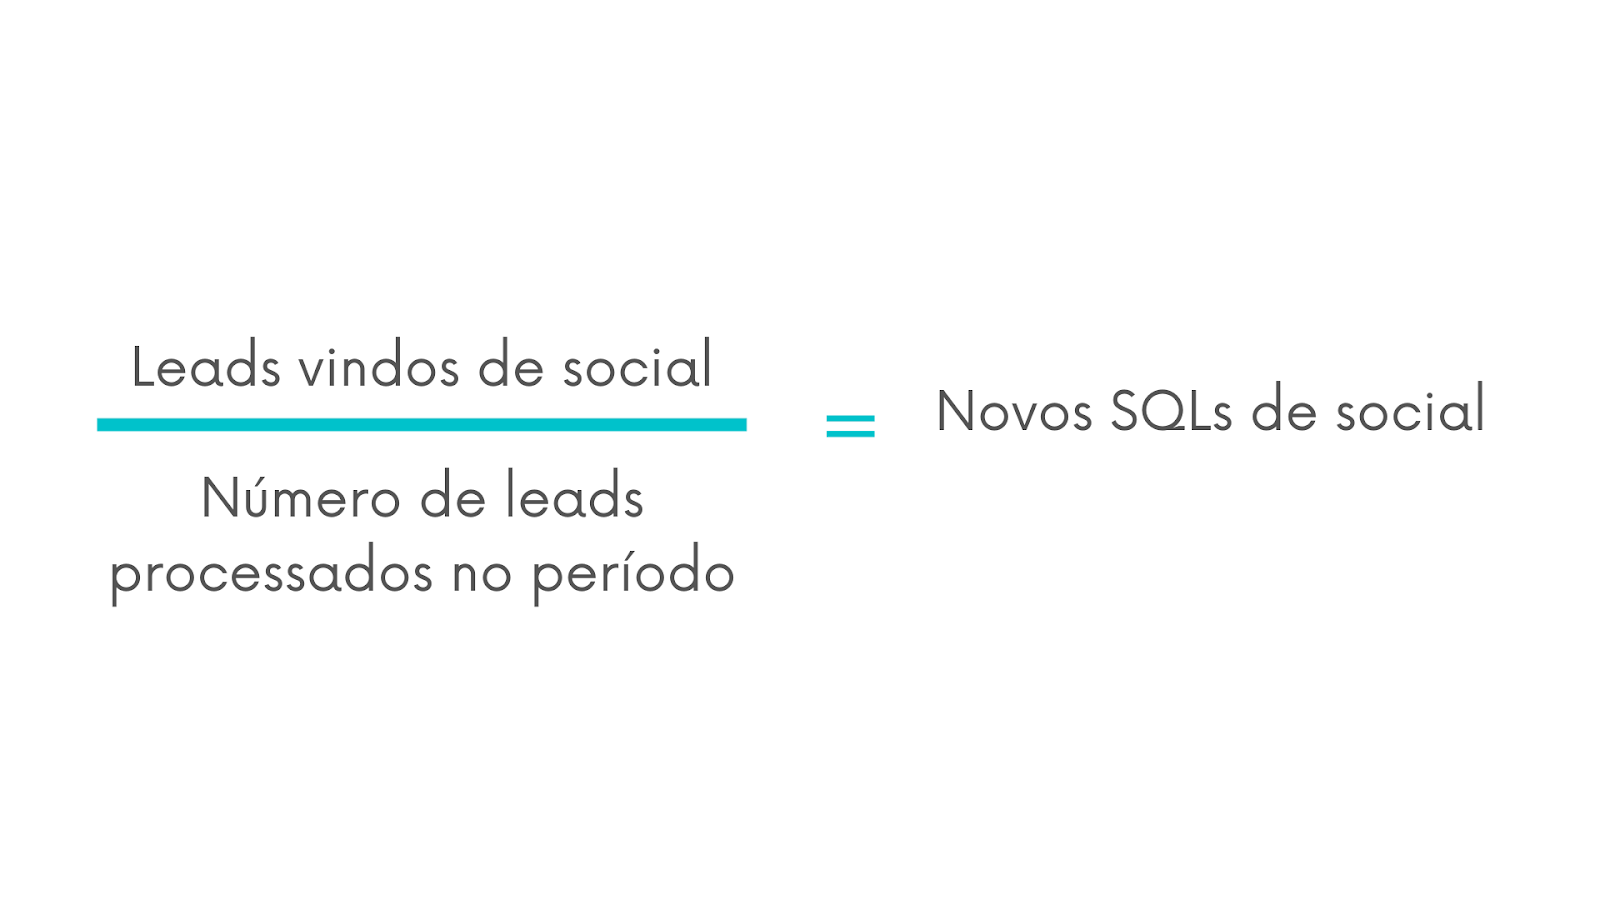 Fórmula para calcular os SQLs vindos de social selling